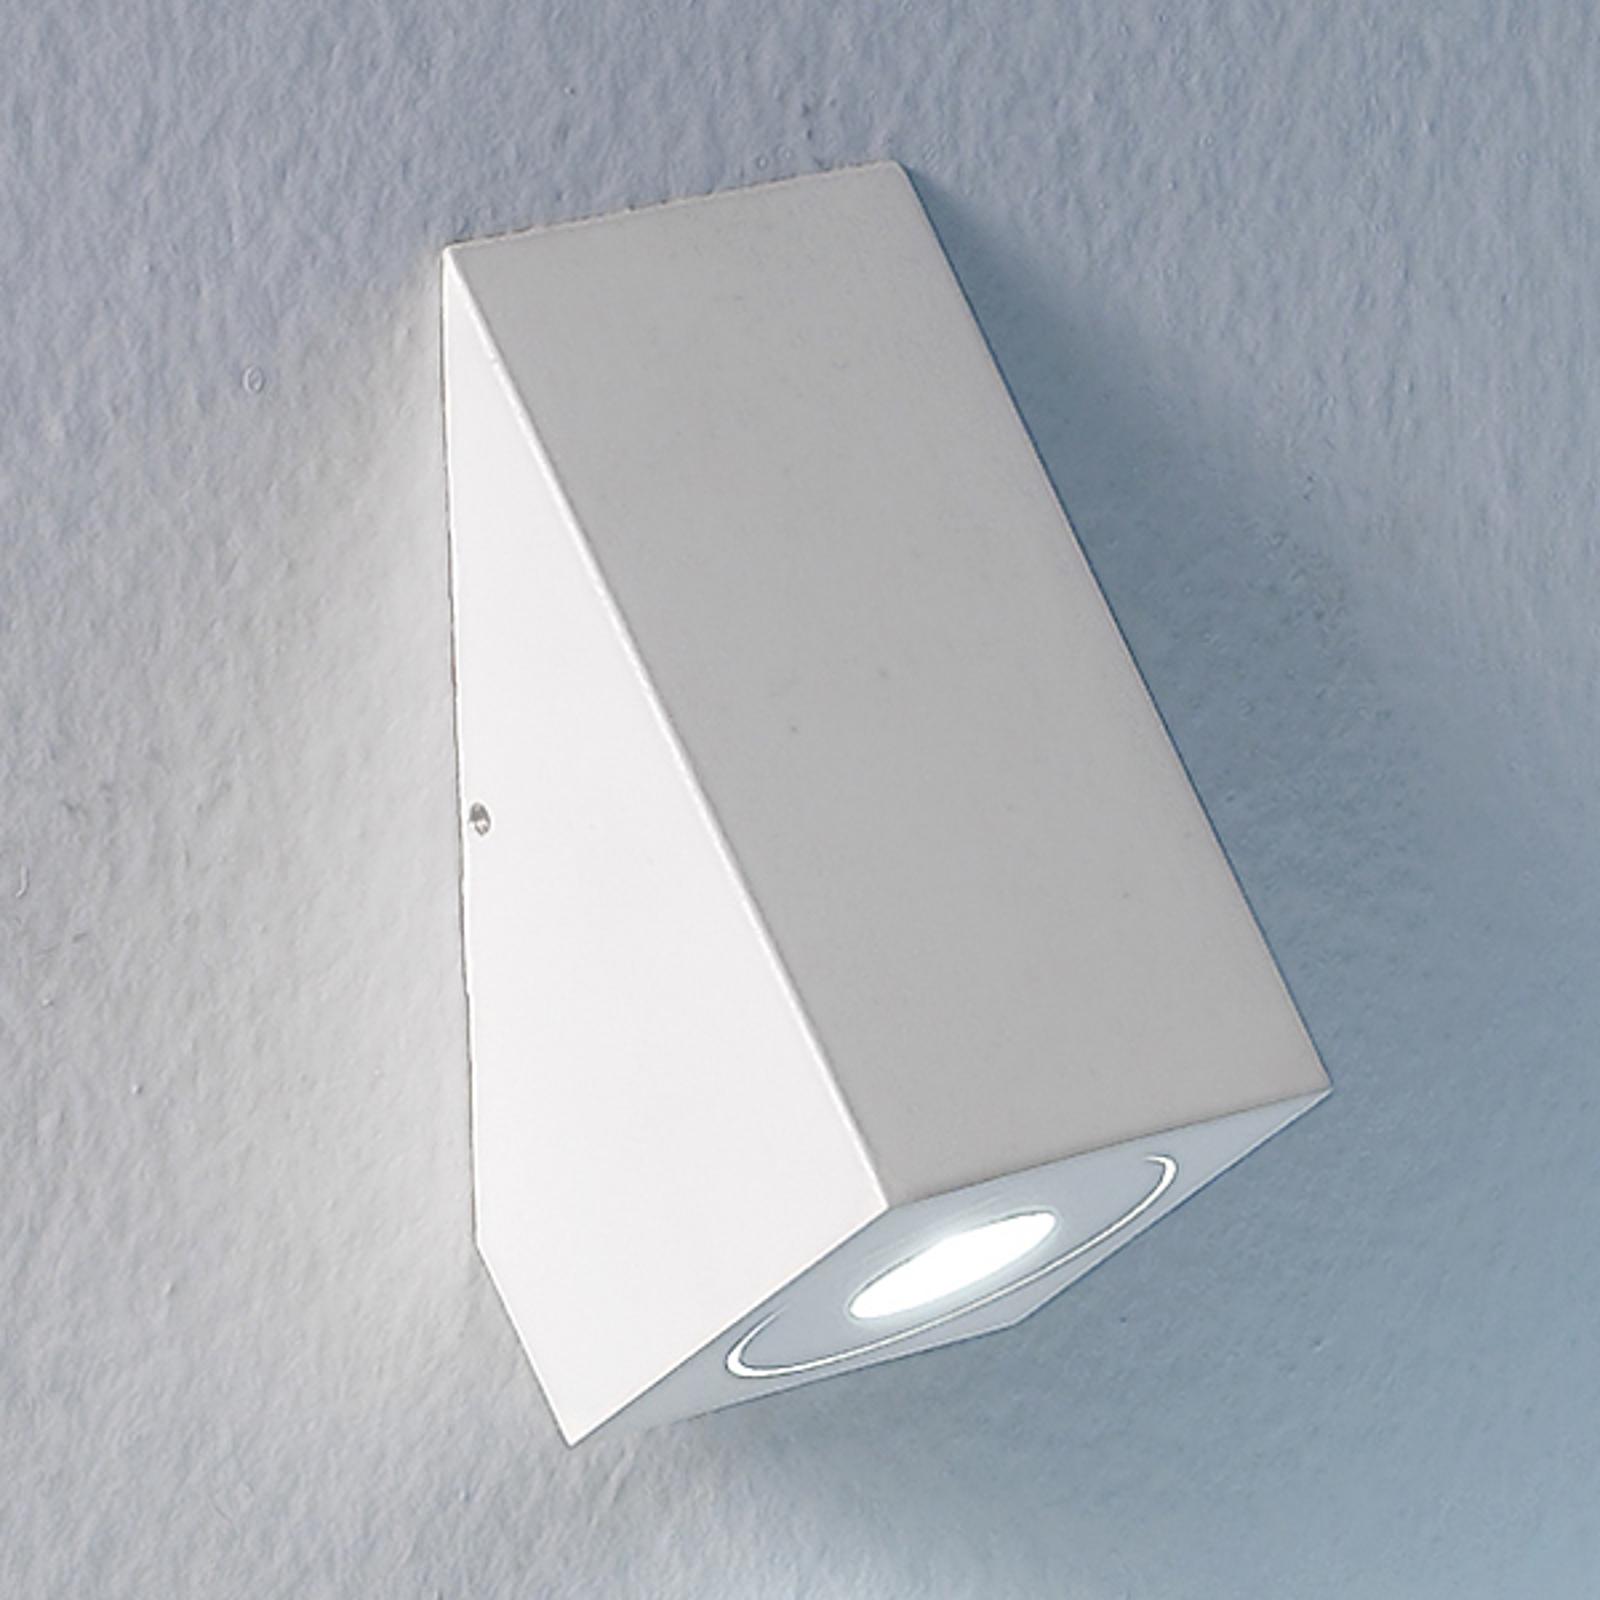 Versatile LED wall light Da Do, white_6701325_1